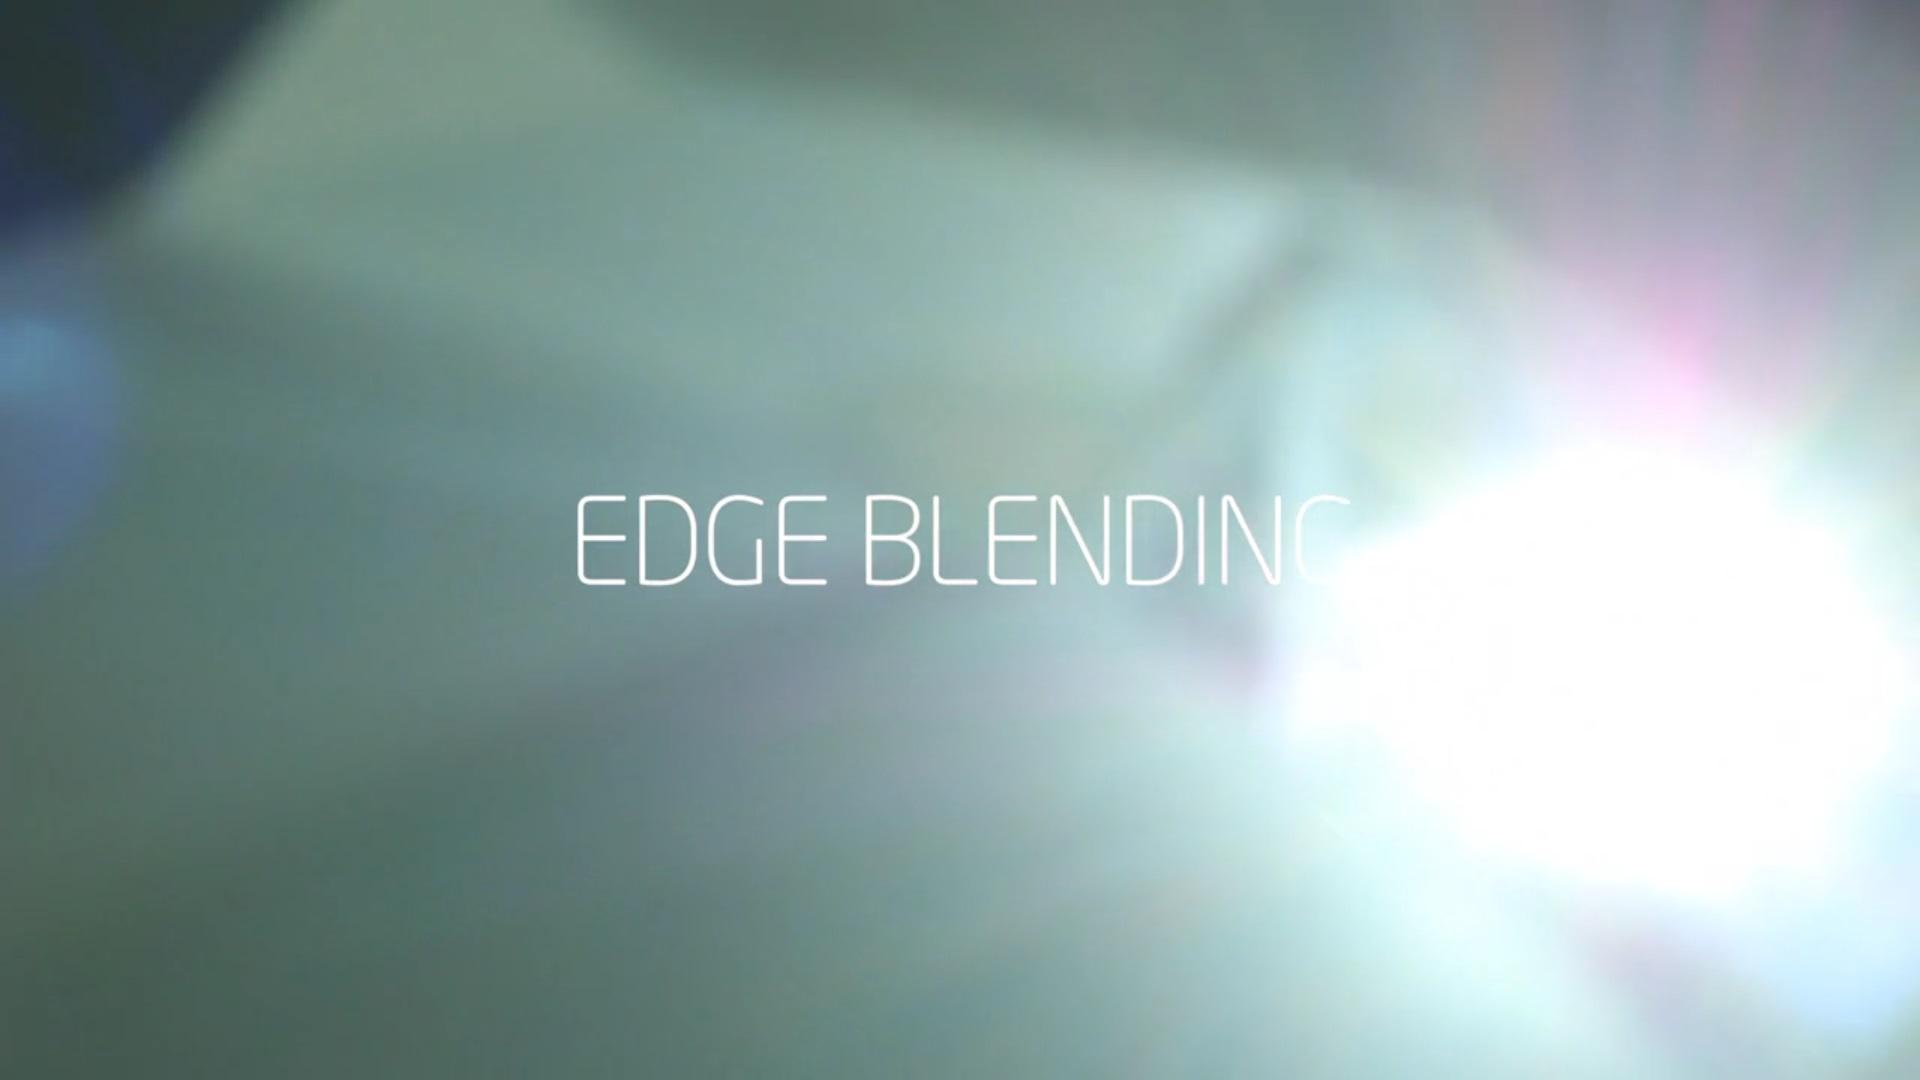 edge blending